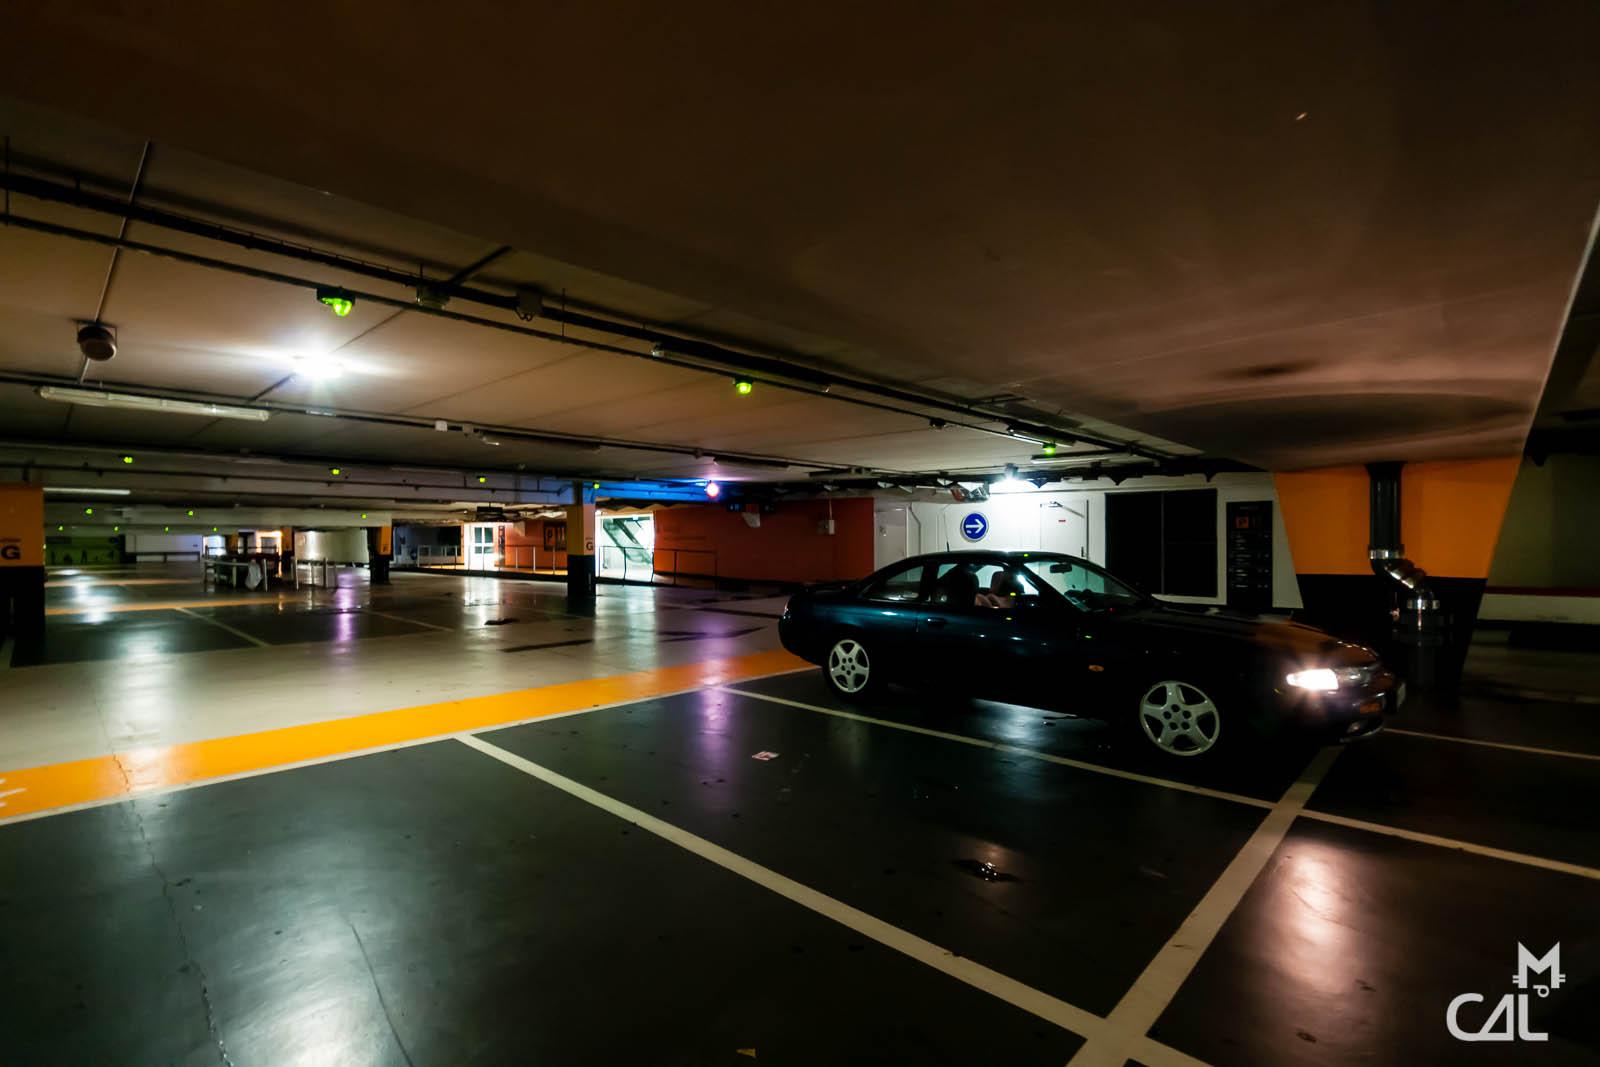 egar nissan 200sx s14 parking souterrain mon chat aime la photo. Black Bedroom Furniture Sets. Home Design Ideas